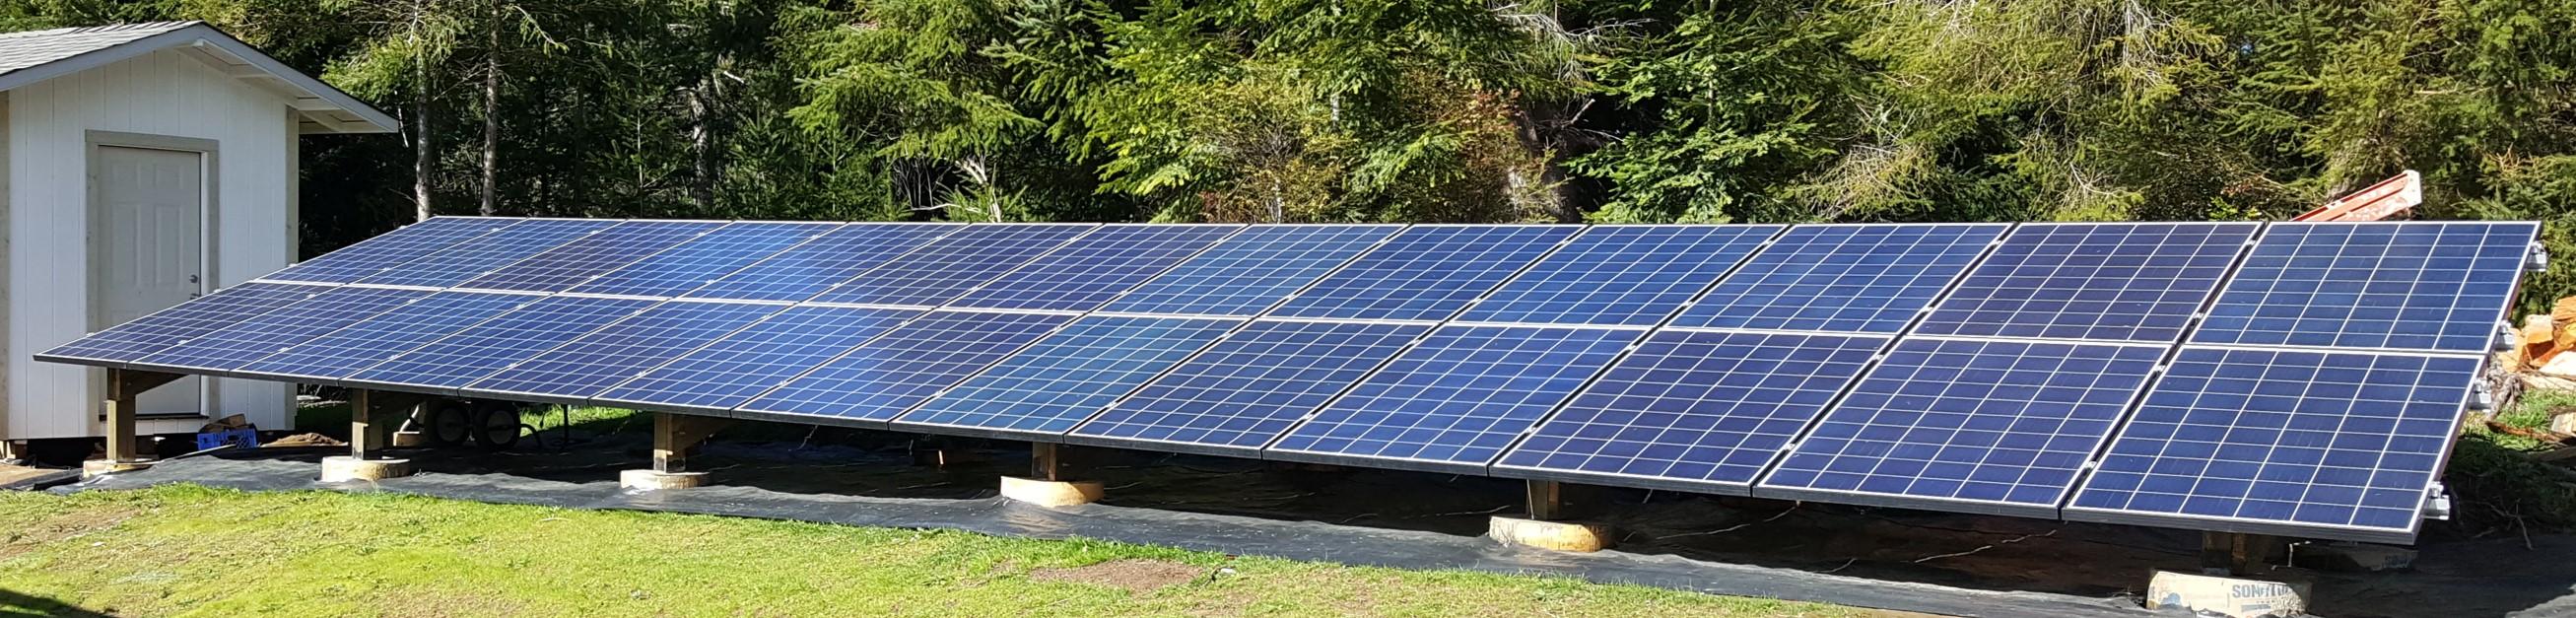 Solar.ground